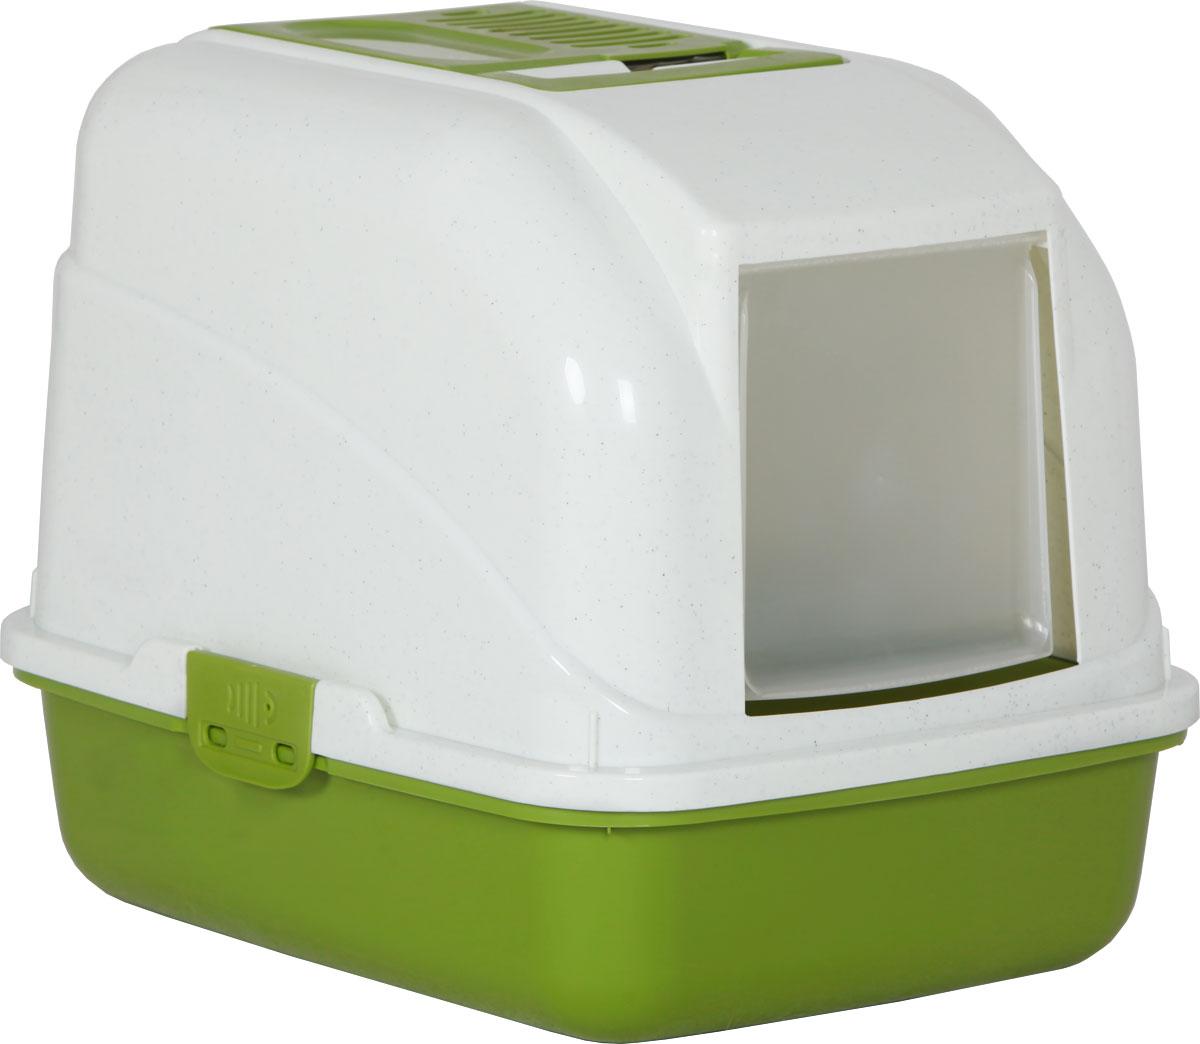 Туалет-лоток для кошек, цвет: оливковый, молочный, 50 x 40 x 41 см. CAT-L28 Oliver GreenCAT-L28 Oliver GreenТуалет-лоток для кошек удерживает неприятные запахи, предотвращает рассыпание наполнителя. Изготовлен из высококачественного пластика, легко моется и не впитывает запахи. Специально разработанная верхняя крышка, облегчает уборку туалета.Благодаря открывающейся фронтальной дверце ваш питомец быстро и удобно попадет в такой туалет-домик.Внутреннее отделение организовано с двойным дном. Одно из них имеет сетчатую поверхность.Укомплектовано такое изделие фильтром, а также совком, который выполнен с дополнительными отверстиями.Преимущества закрытого туалета очевидны: меньше распространяются неприятные запахи, наполнитель не рассыпается вокруг туалета (особенно актуально для кошек, которые любят покопаться в наполнителе);идеально подходит для кошек, которые любят долго и упорно зарывать, используя при этом не только наполнитель, но и все, что попадет под лапу.Туалет-лоток удобно переносить с помощью верхней пластиковой ручки.